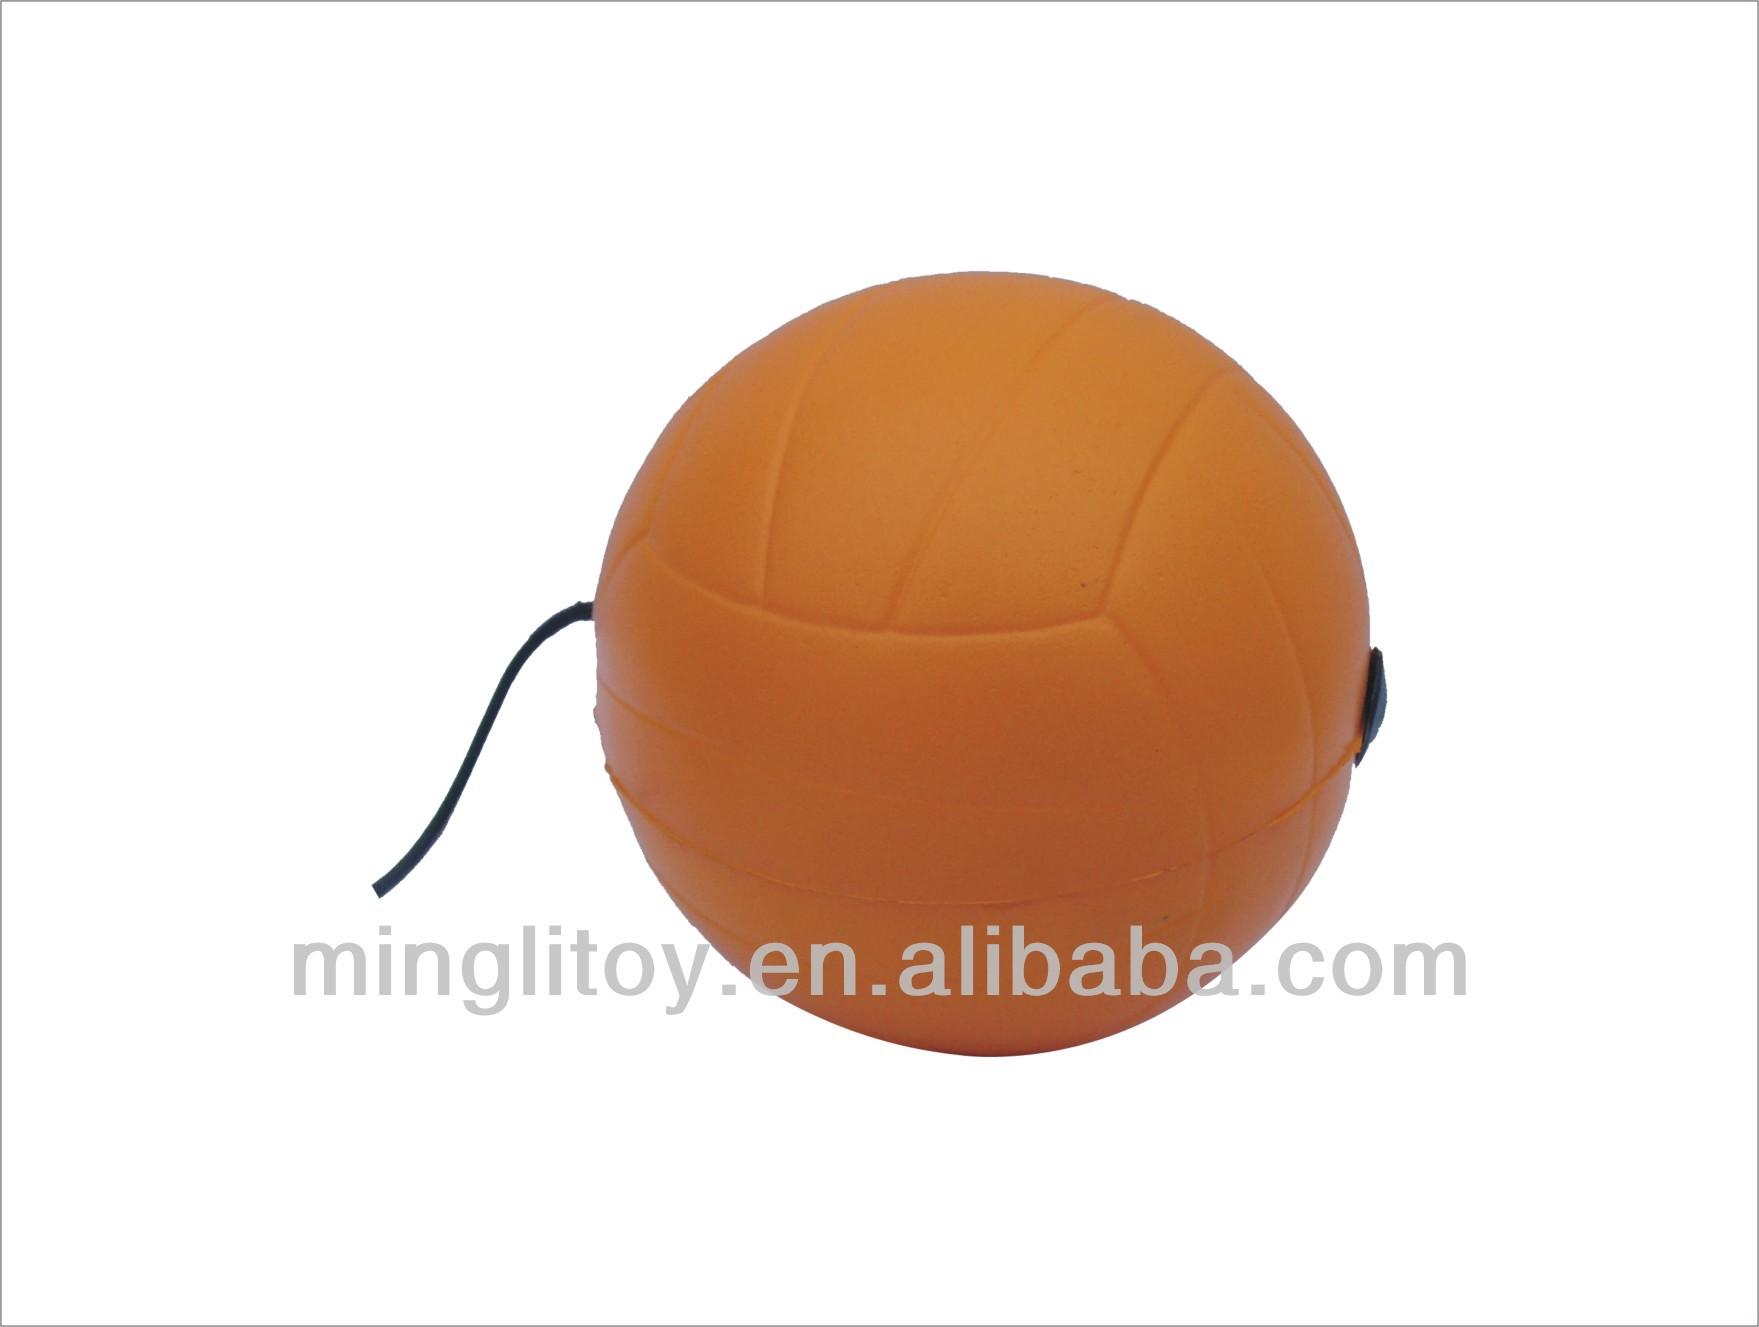 Customized Pu Yoyo And Bowling/ Soft Stress Ball - Buy Stress Ball,Pu Toy,Stress Ball Product on ...